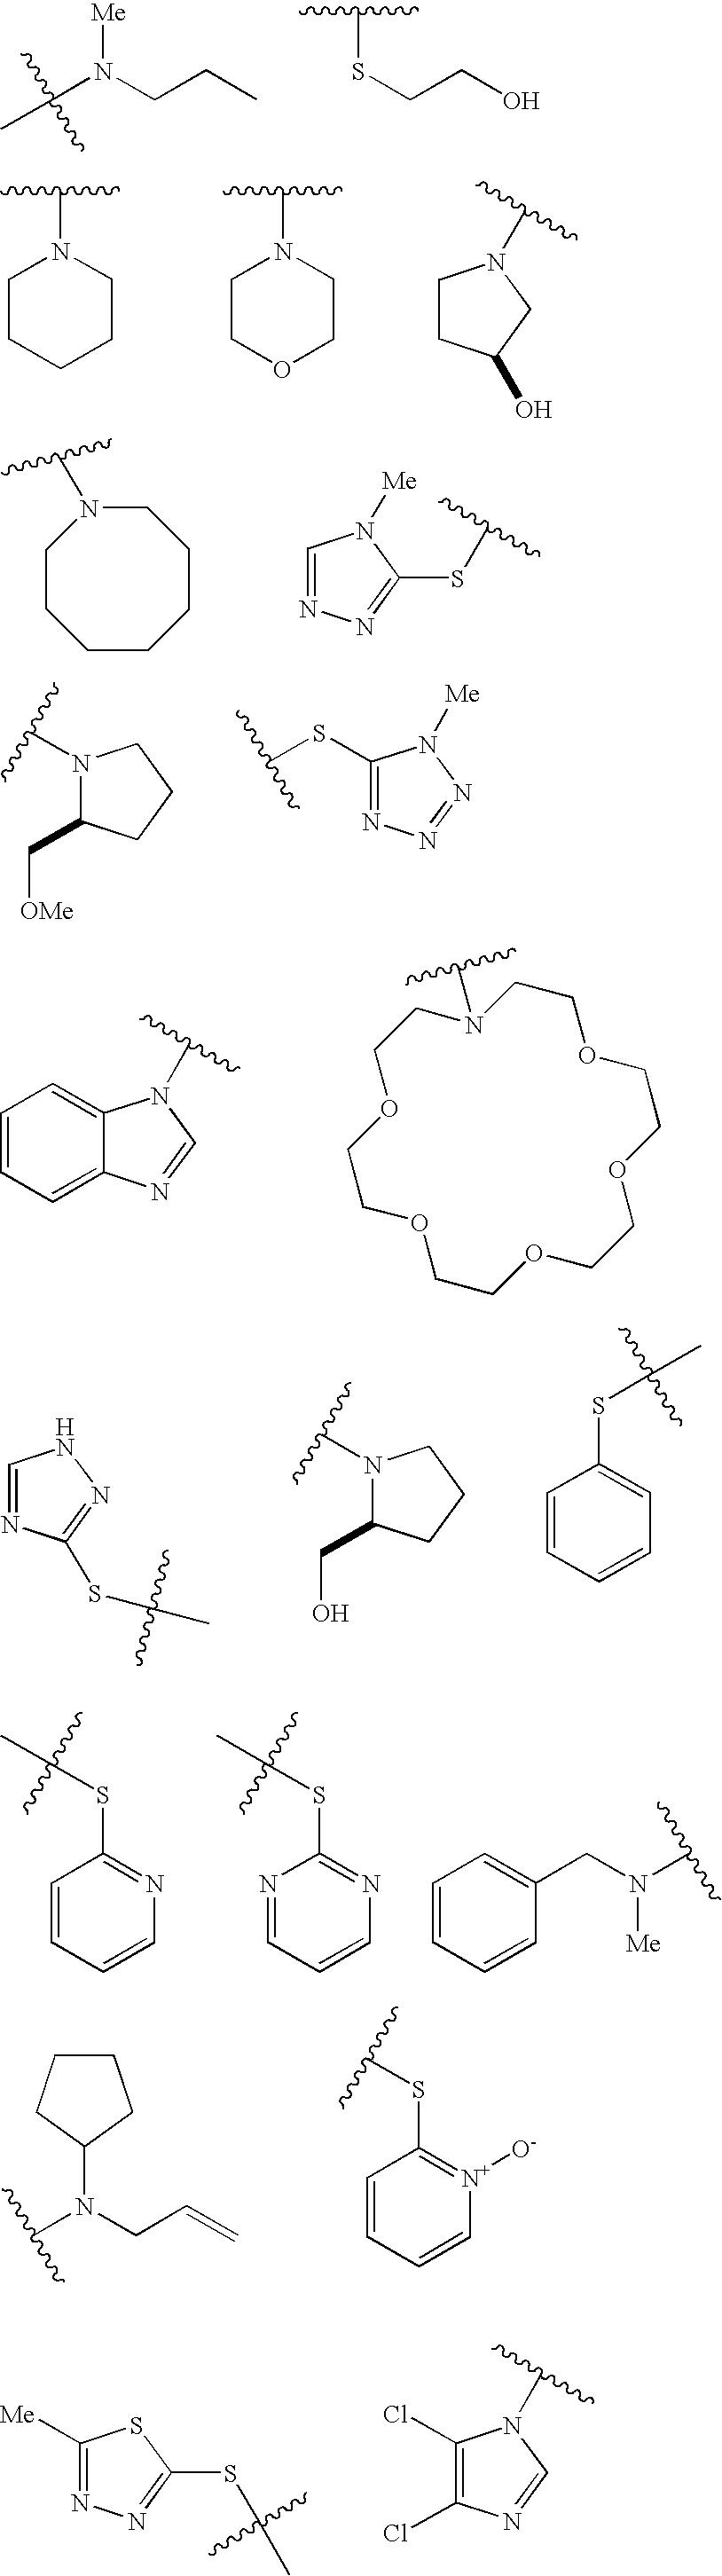 Figure US20040072849A1-20040415-C00146